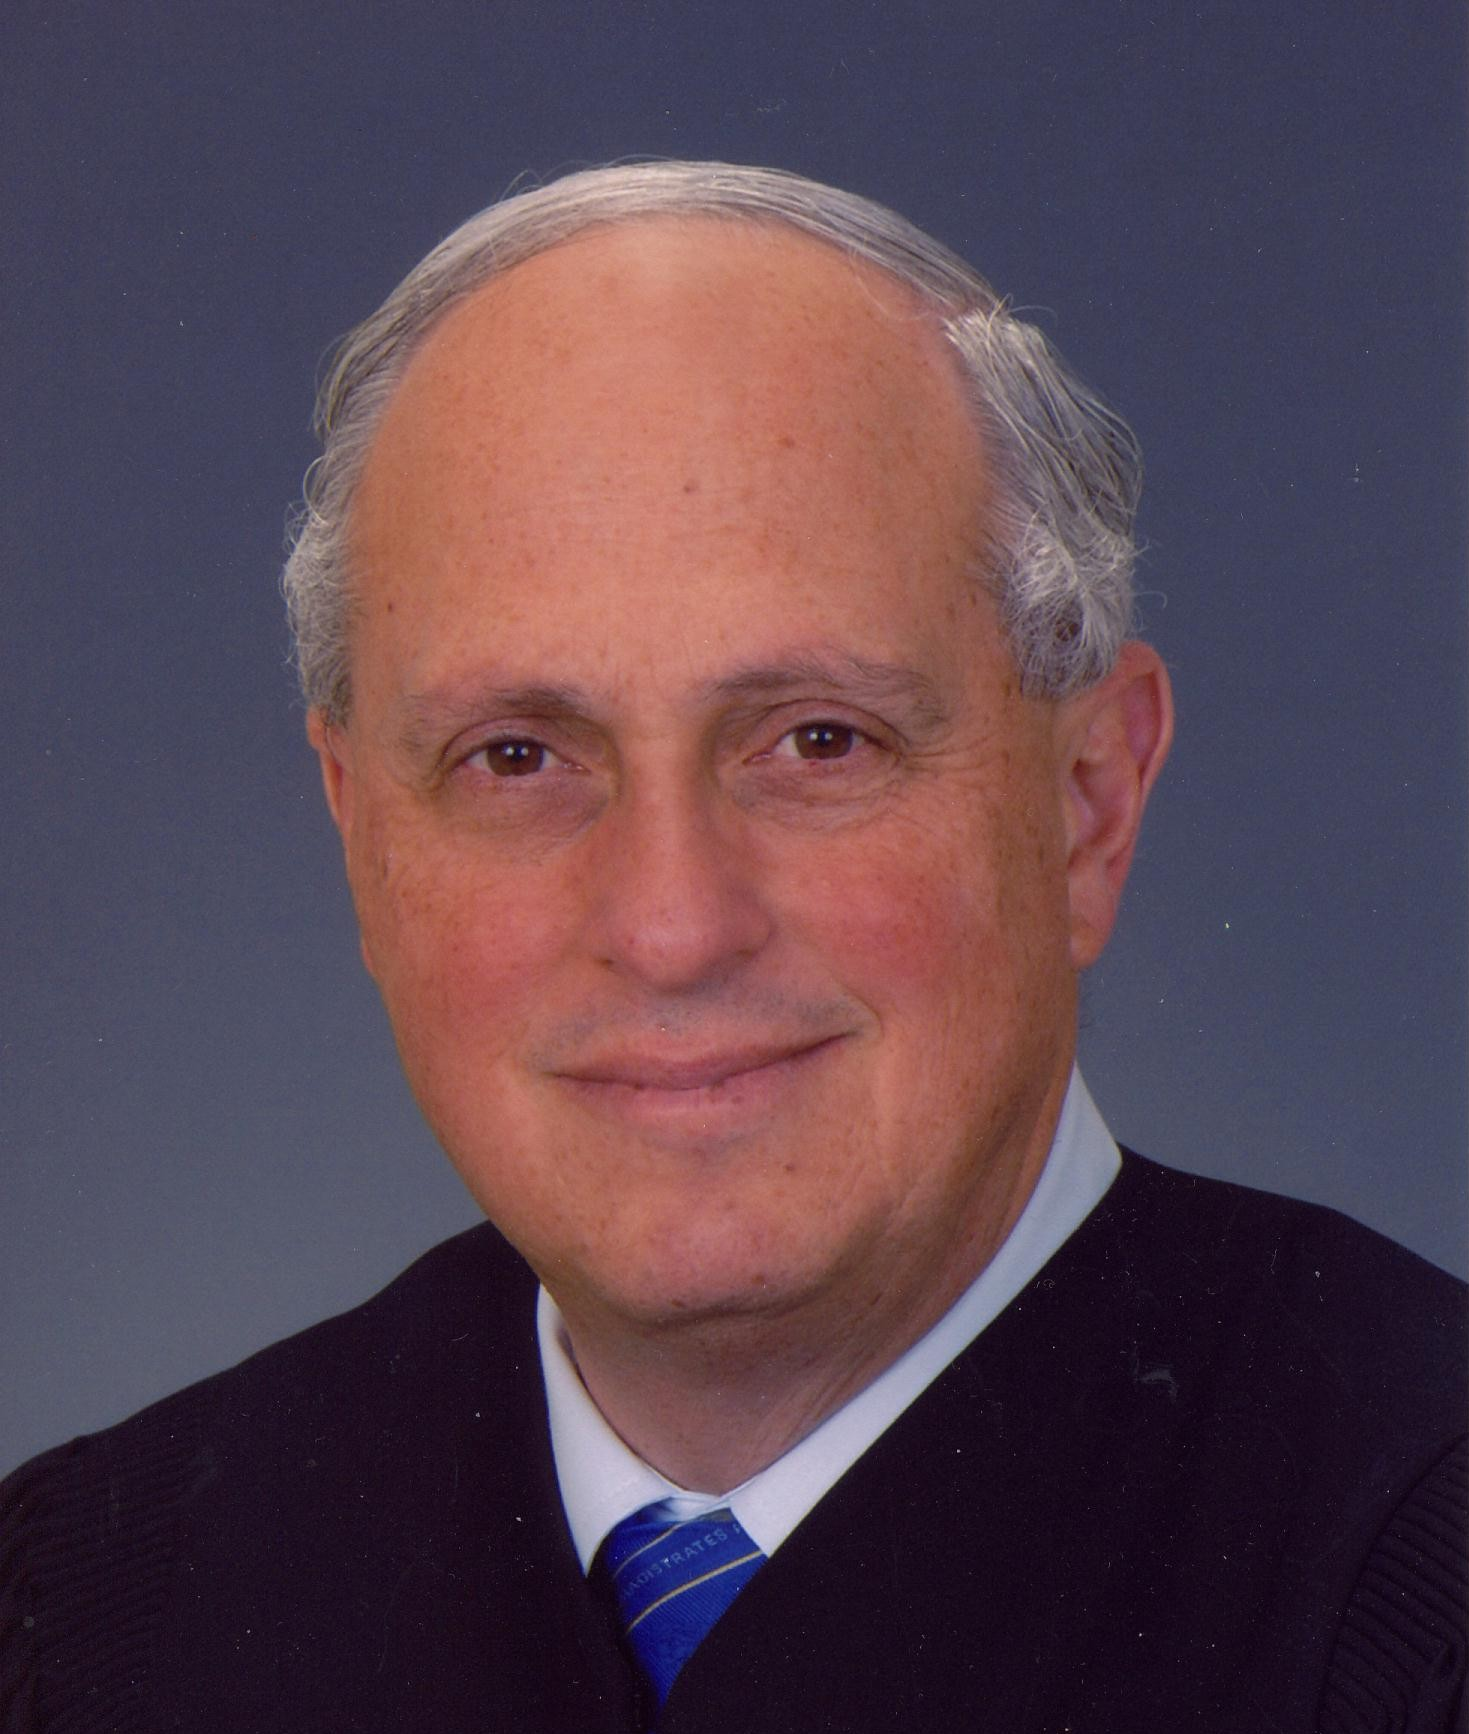 Judge Triebwasser in Robes